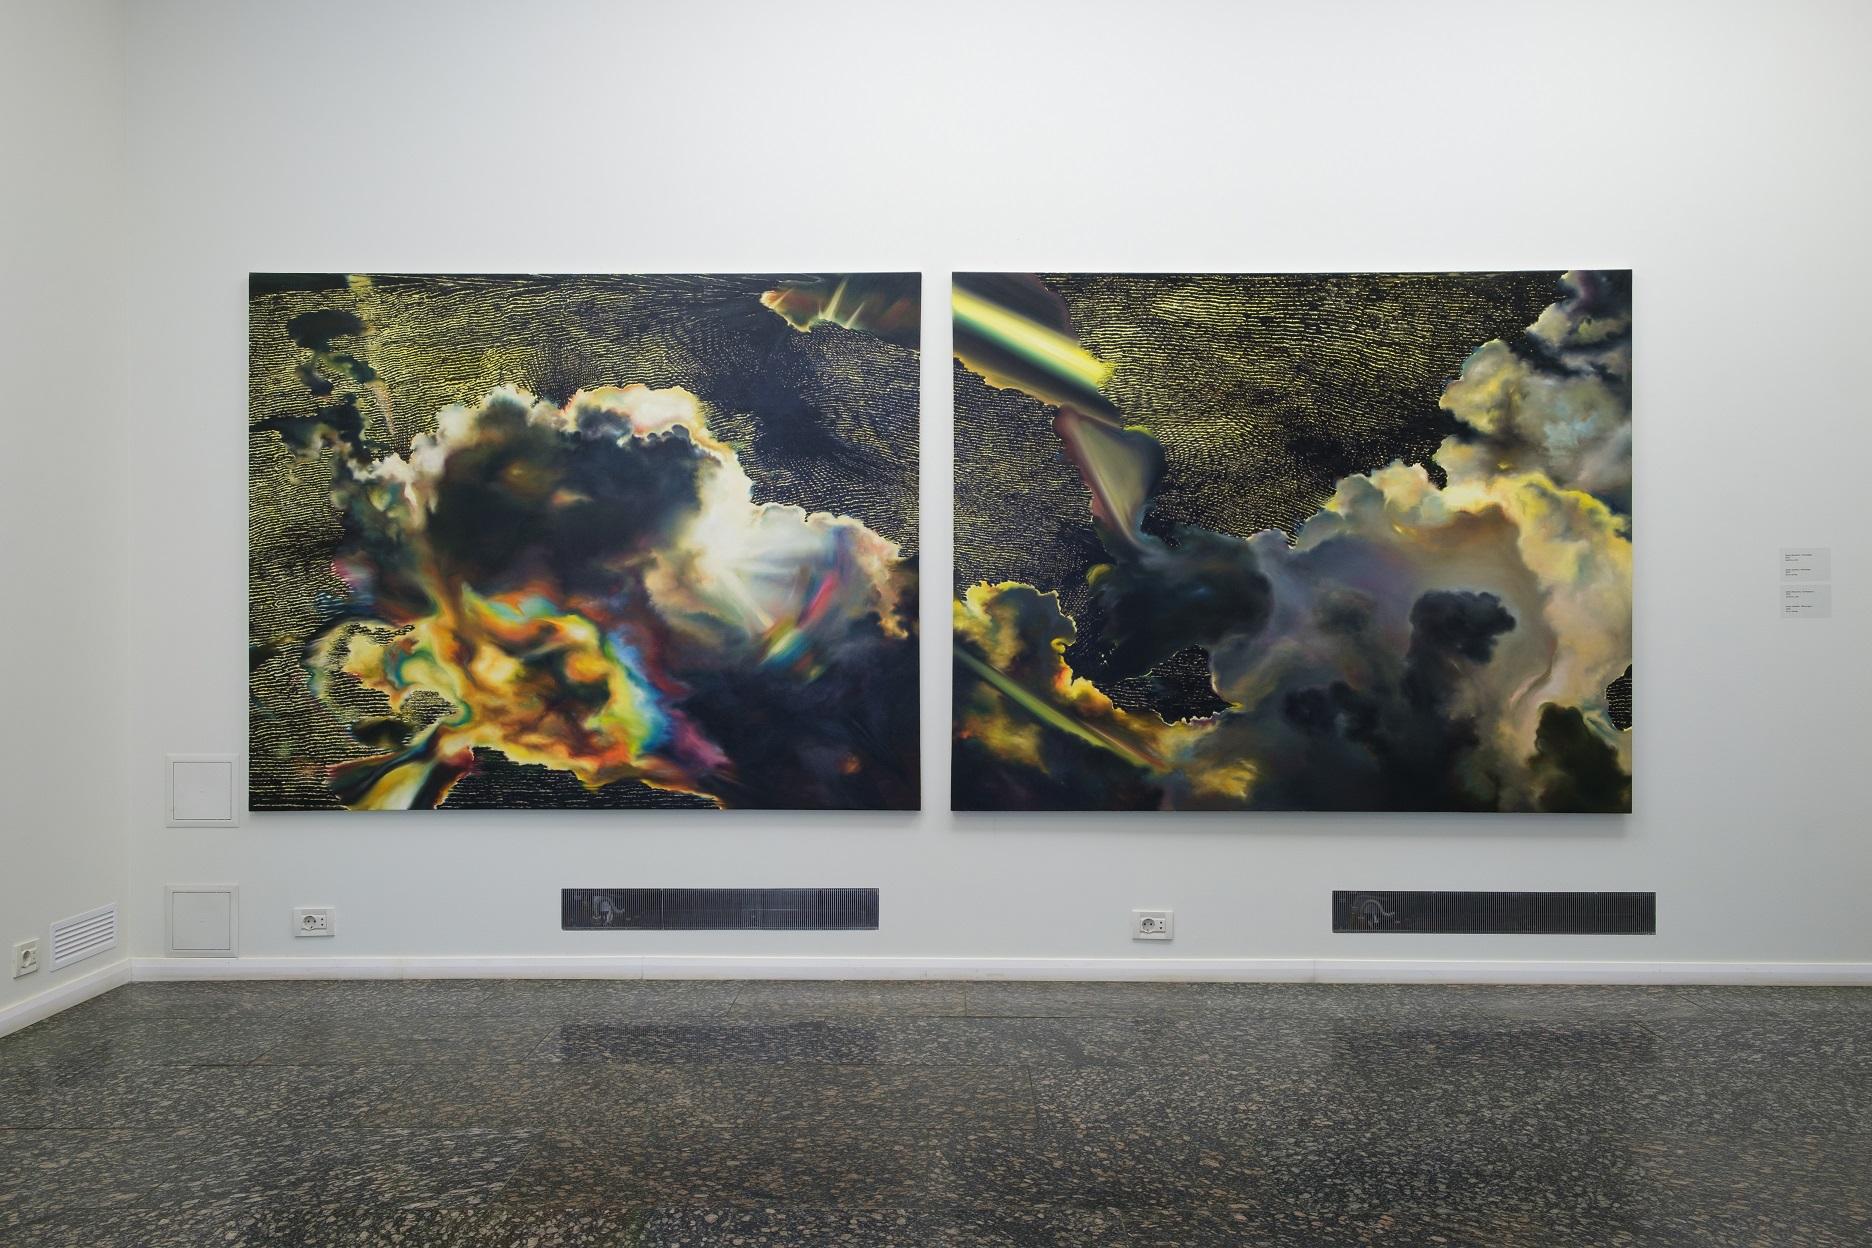 Експозиція виставки «Абстрактне світло» у Dymchuk Gallery